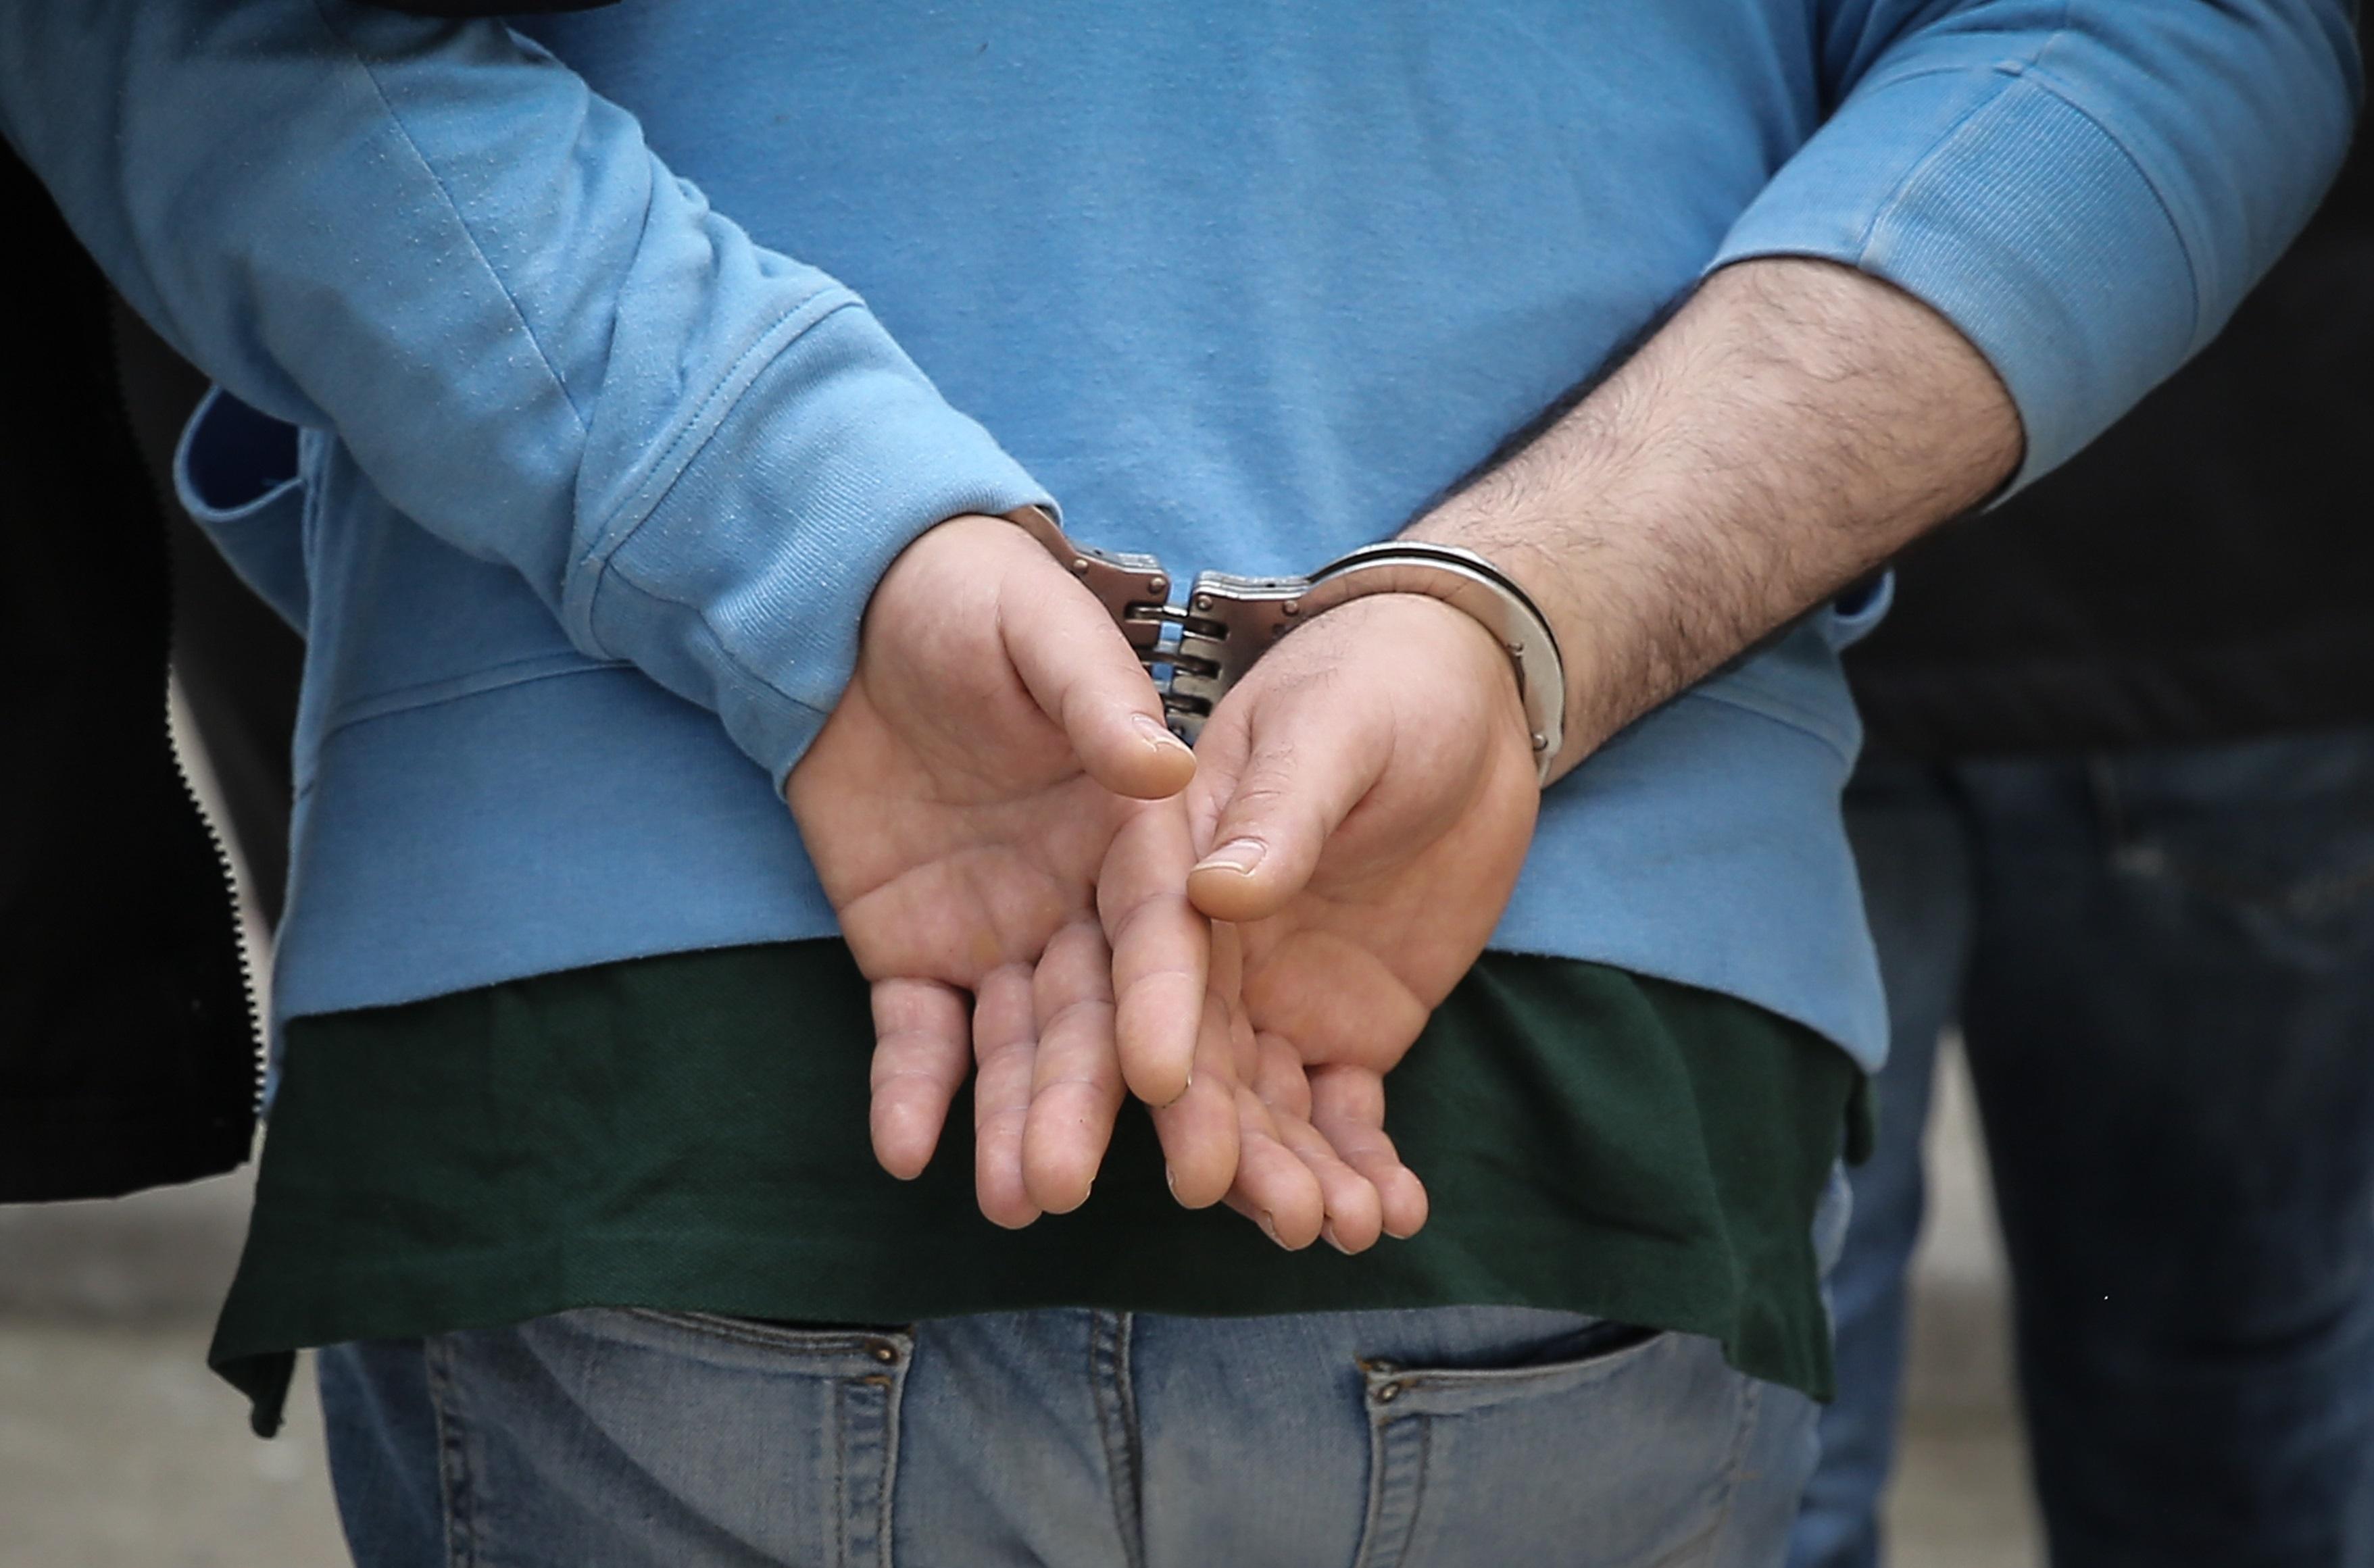 Αίγιο: Συνελήφθη ανήλικος έμπορος ναρκωτικών!